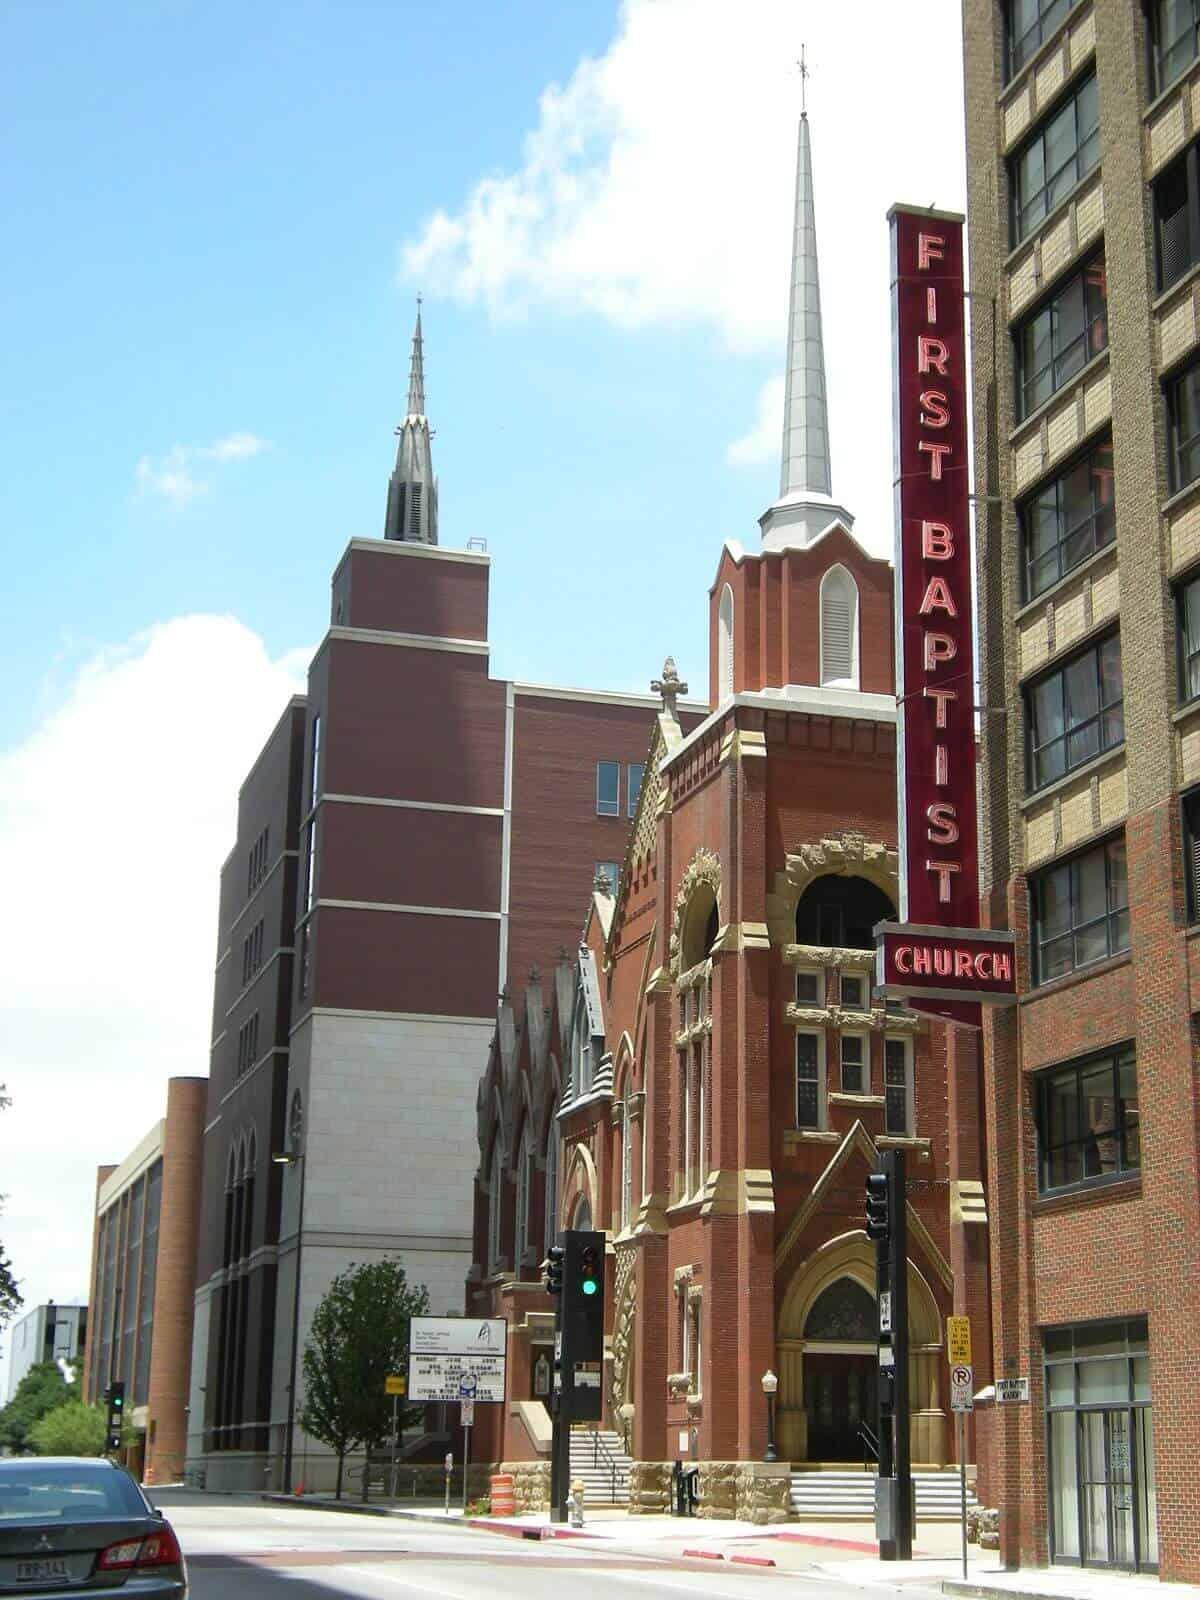 First Baptist Church Dallas Texas